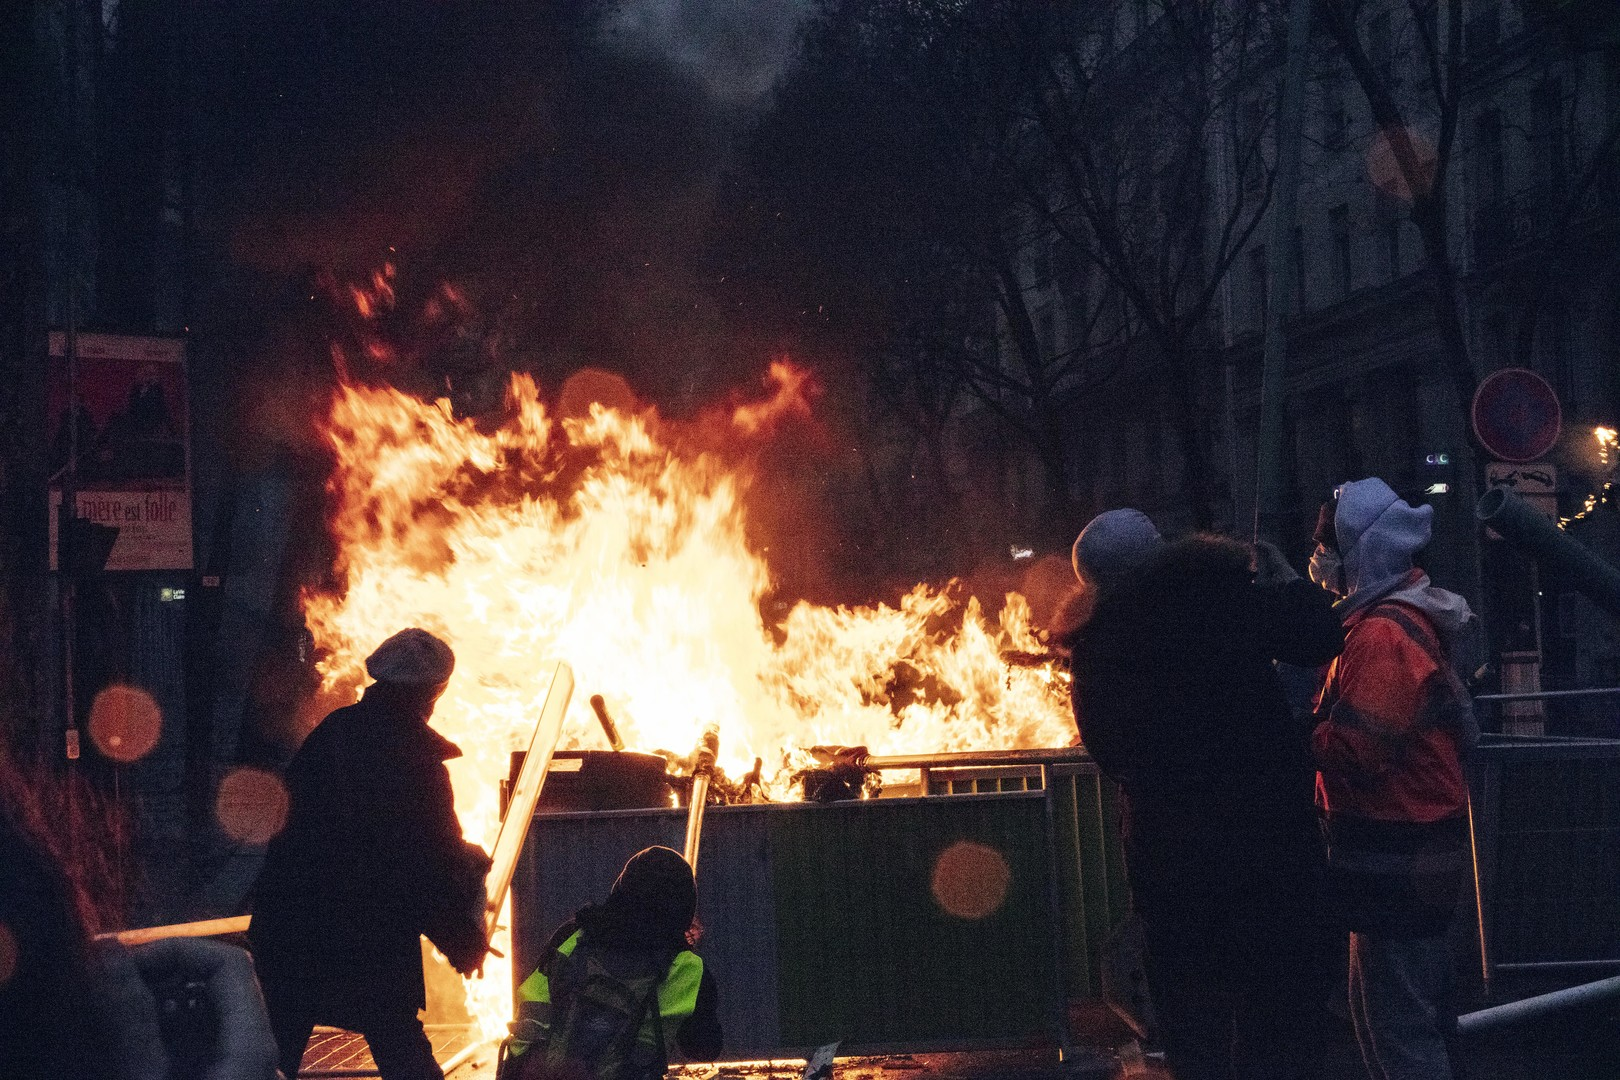 Frankreich: Der wahre Brandstifter trägt Maßanzug